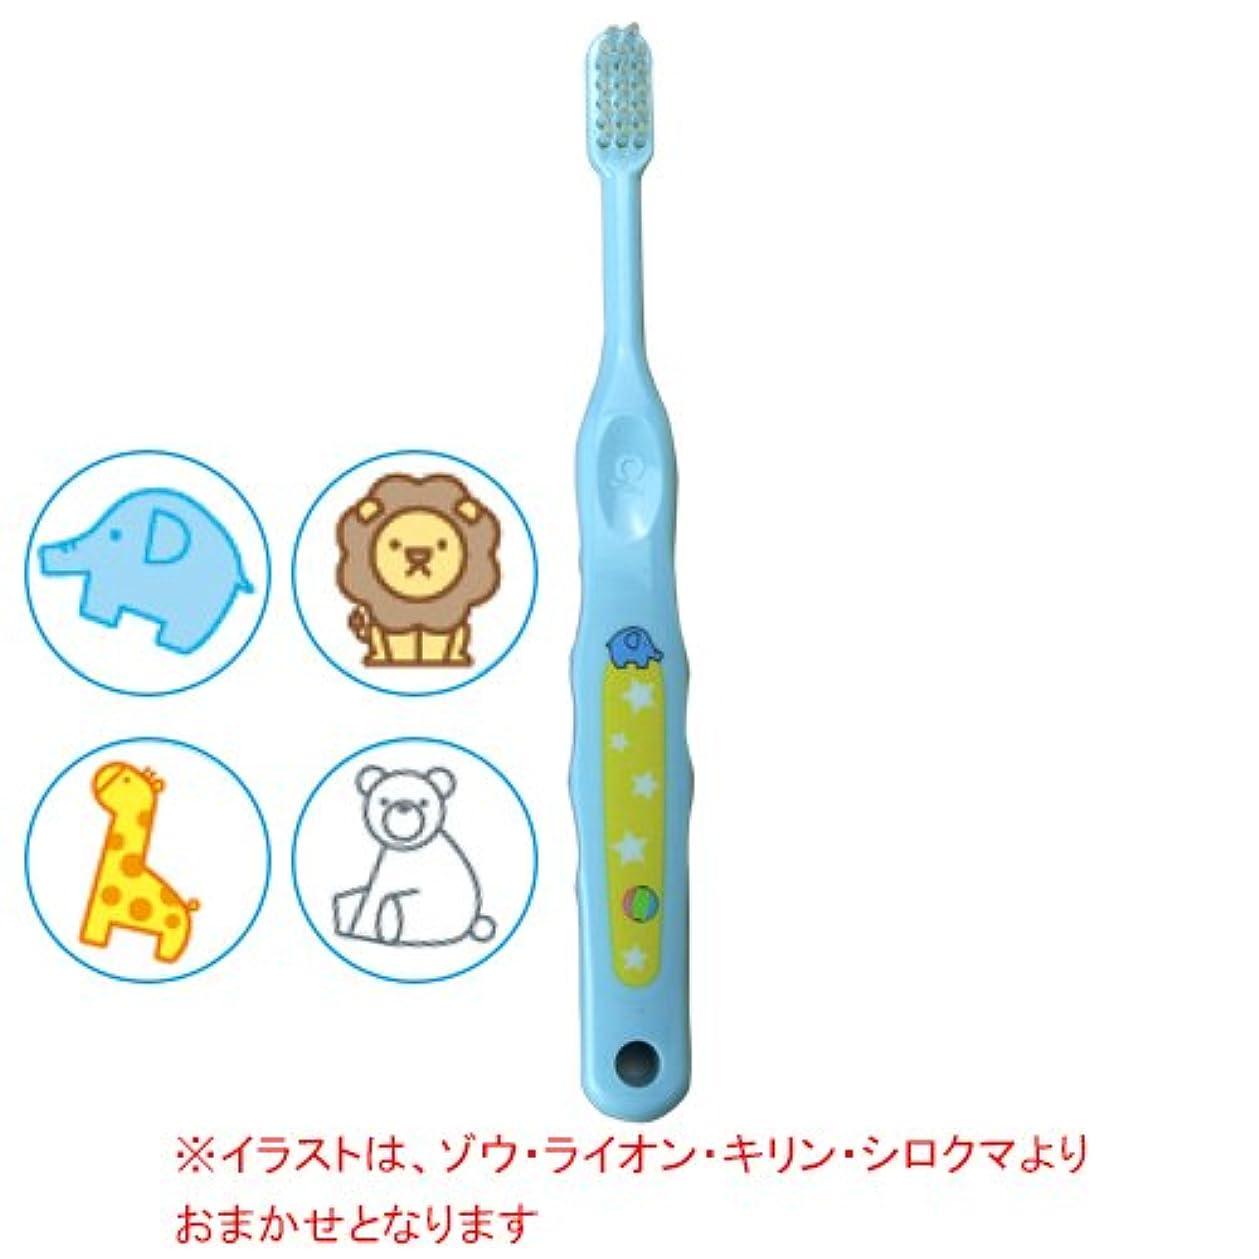 心理的肘掛け椅子美容師Ciメディカル Ci なまえ歯ブラシ 503 (やわらかめ) (乳児から小学生向)1本 (ブルー)